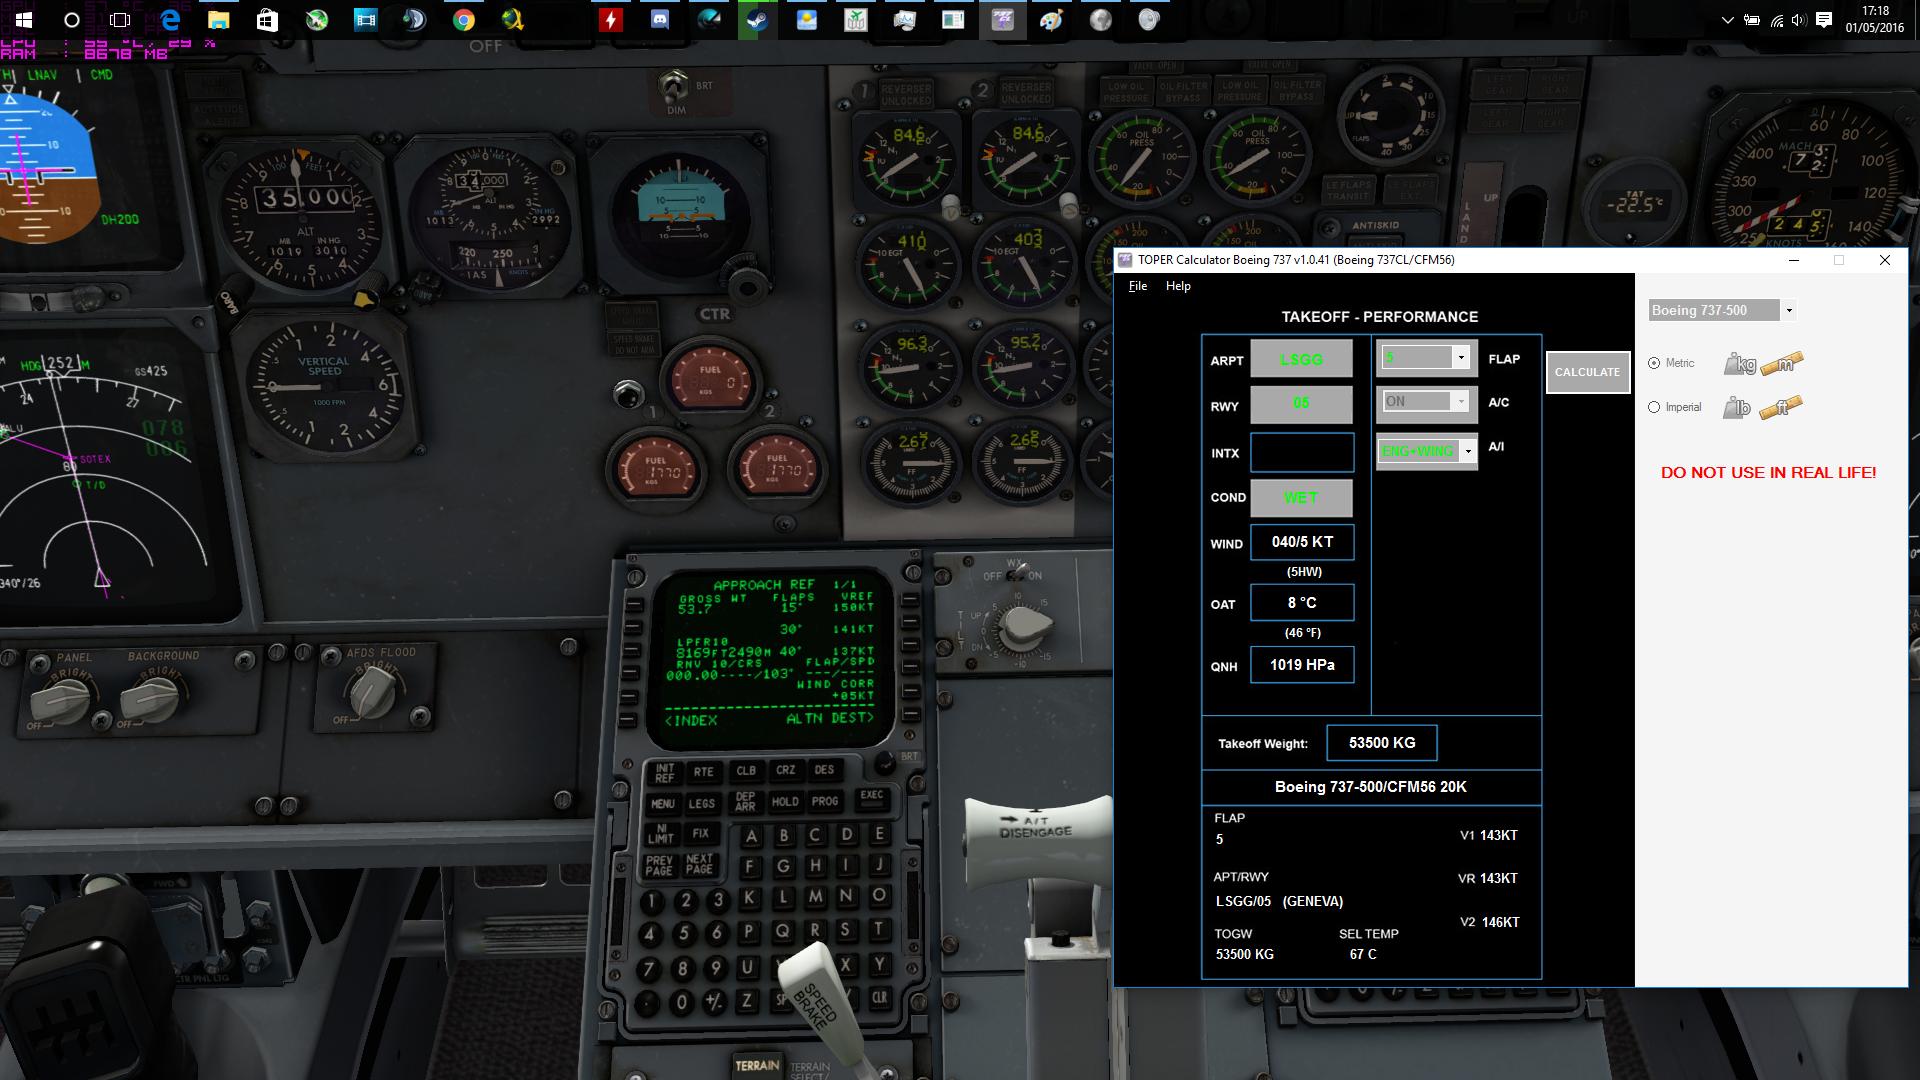 Derate calculating? - General Discussion - X-Pilot